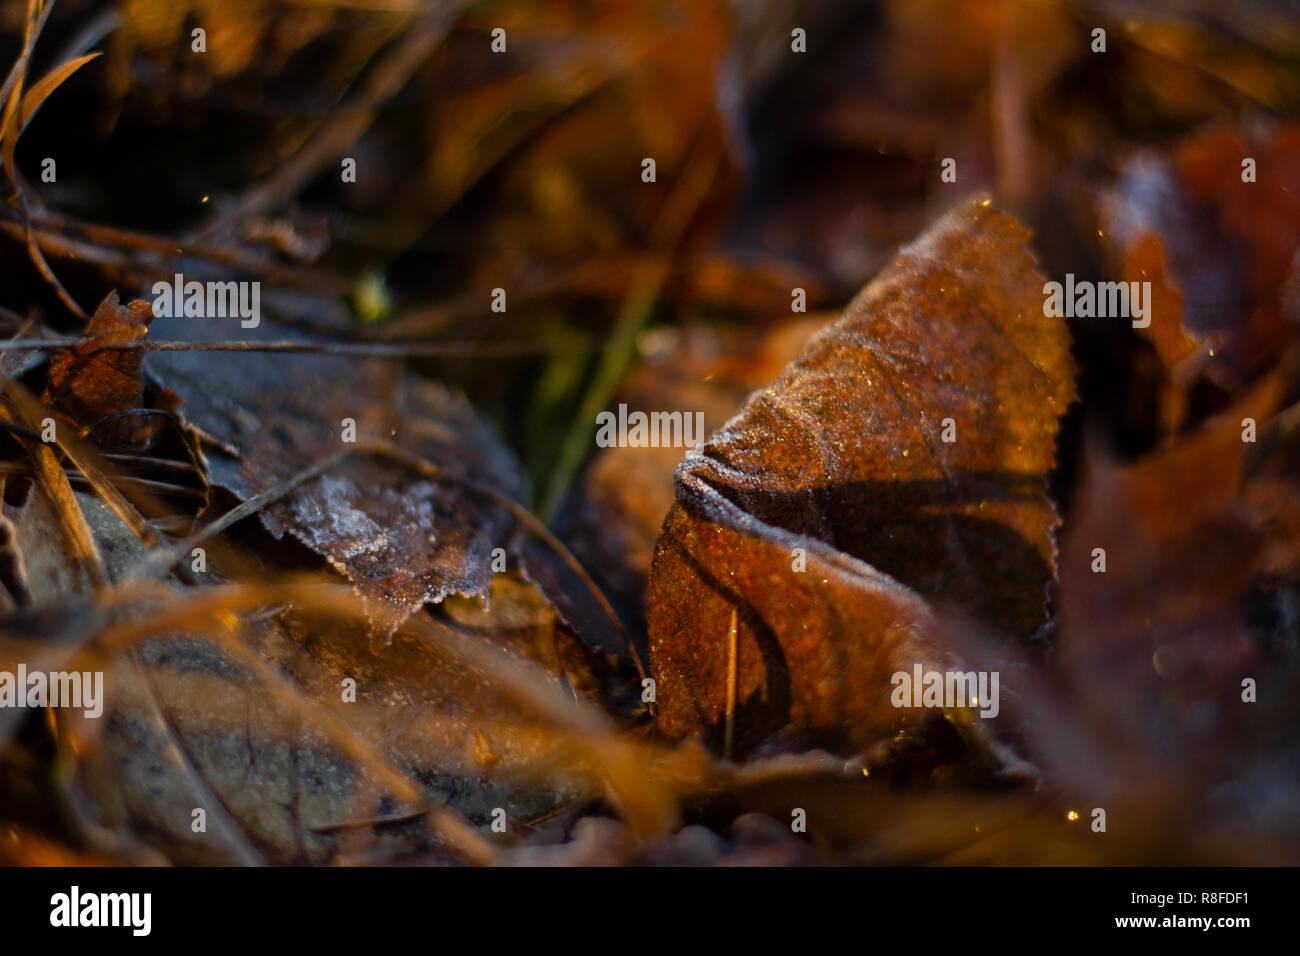 Frosty foglia sul terreno di una foresta, tutto oltre a foglia è sfocata. Luce dorata da un sunrise illuminazione della scena. Foto Stock